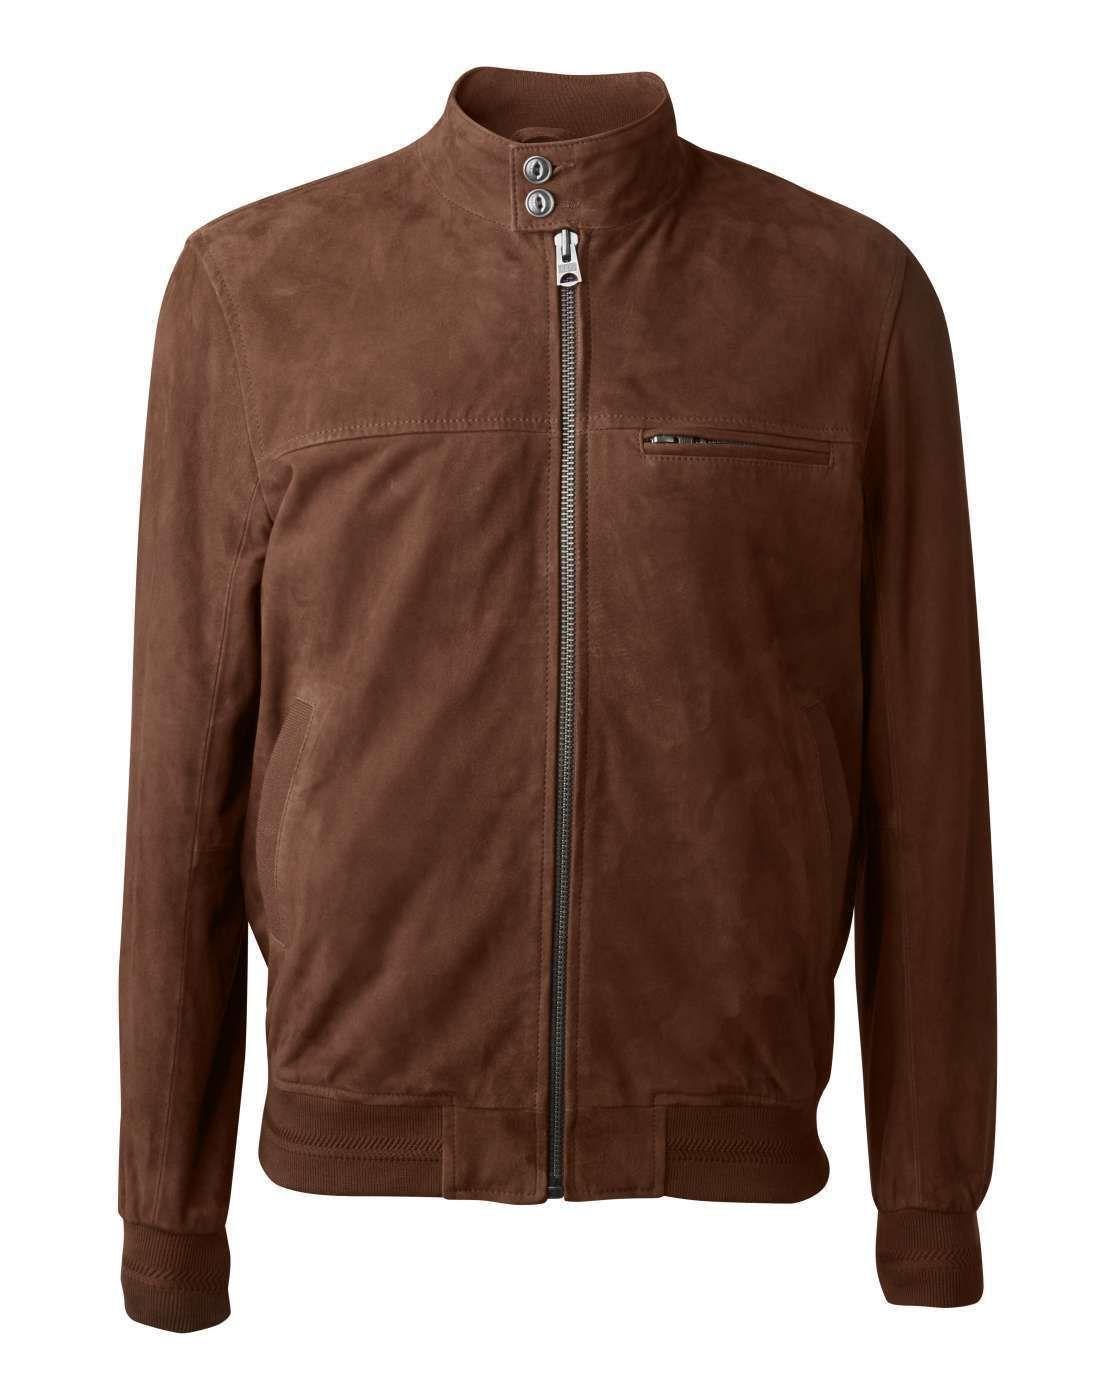 Sélection de vestes et blousons en cuir Chevignon en promotion - Ex: Blouson col montant cuir Members (Du s au XL)